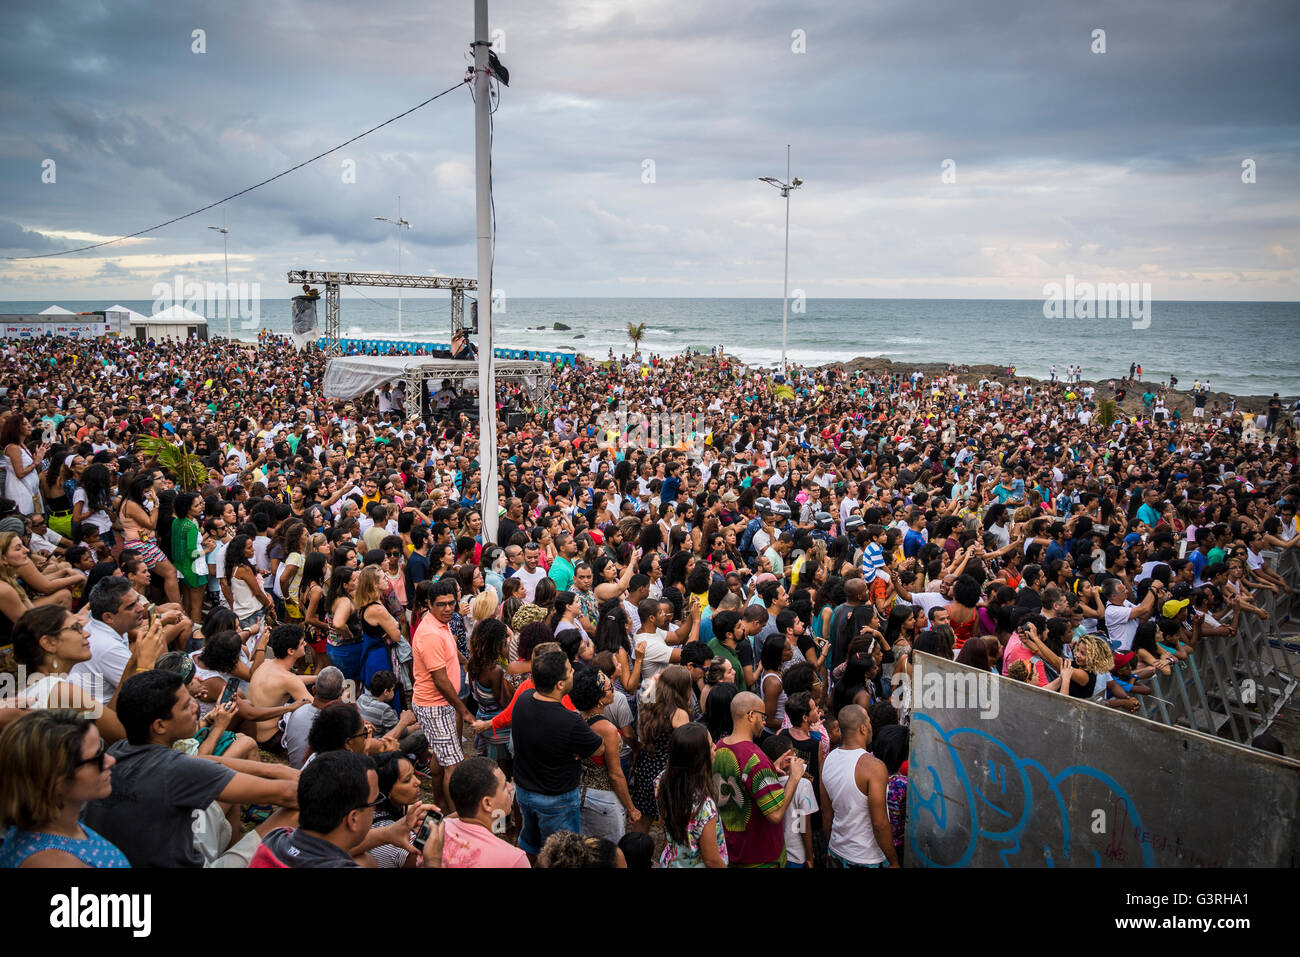 Crowd of people watching a concert, Festival da Primavera, Jardim de Alah, Salvador, Bahia, Brazil - Stock Image